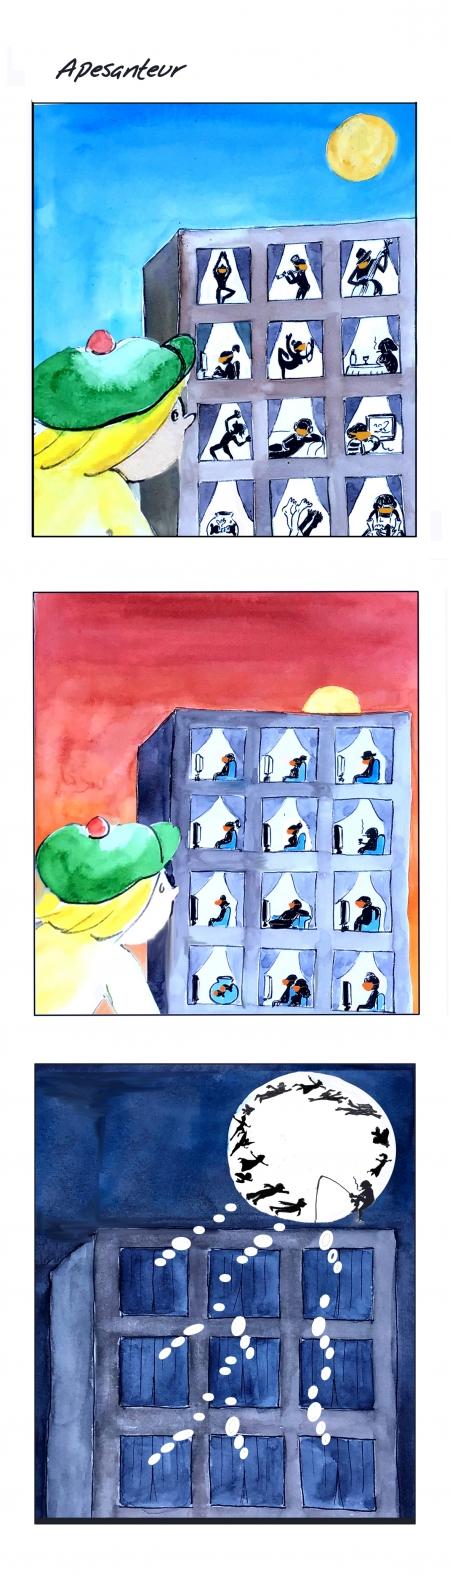 webzine,bd,gratuit,zébra,bande-dessinée,fanzine,strip,lola,aurélie dekeyser,coronavirus,paris,covid-19,confinement,apesanteur